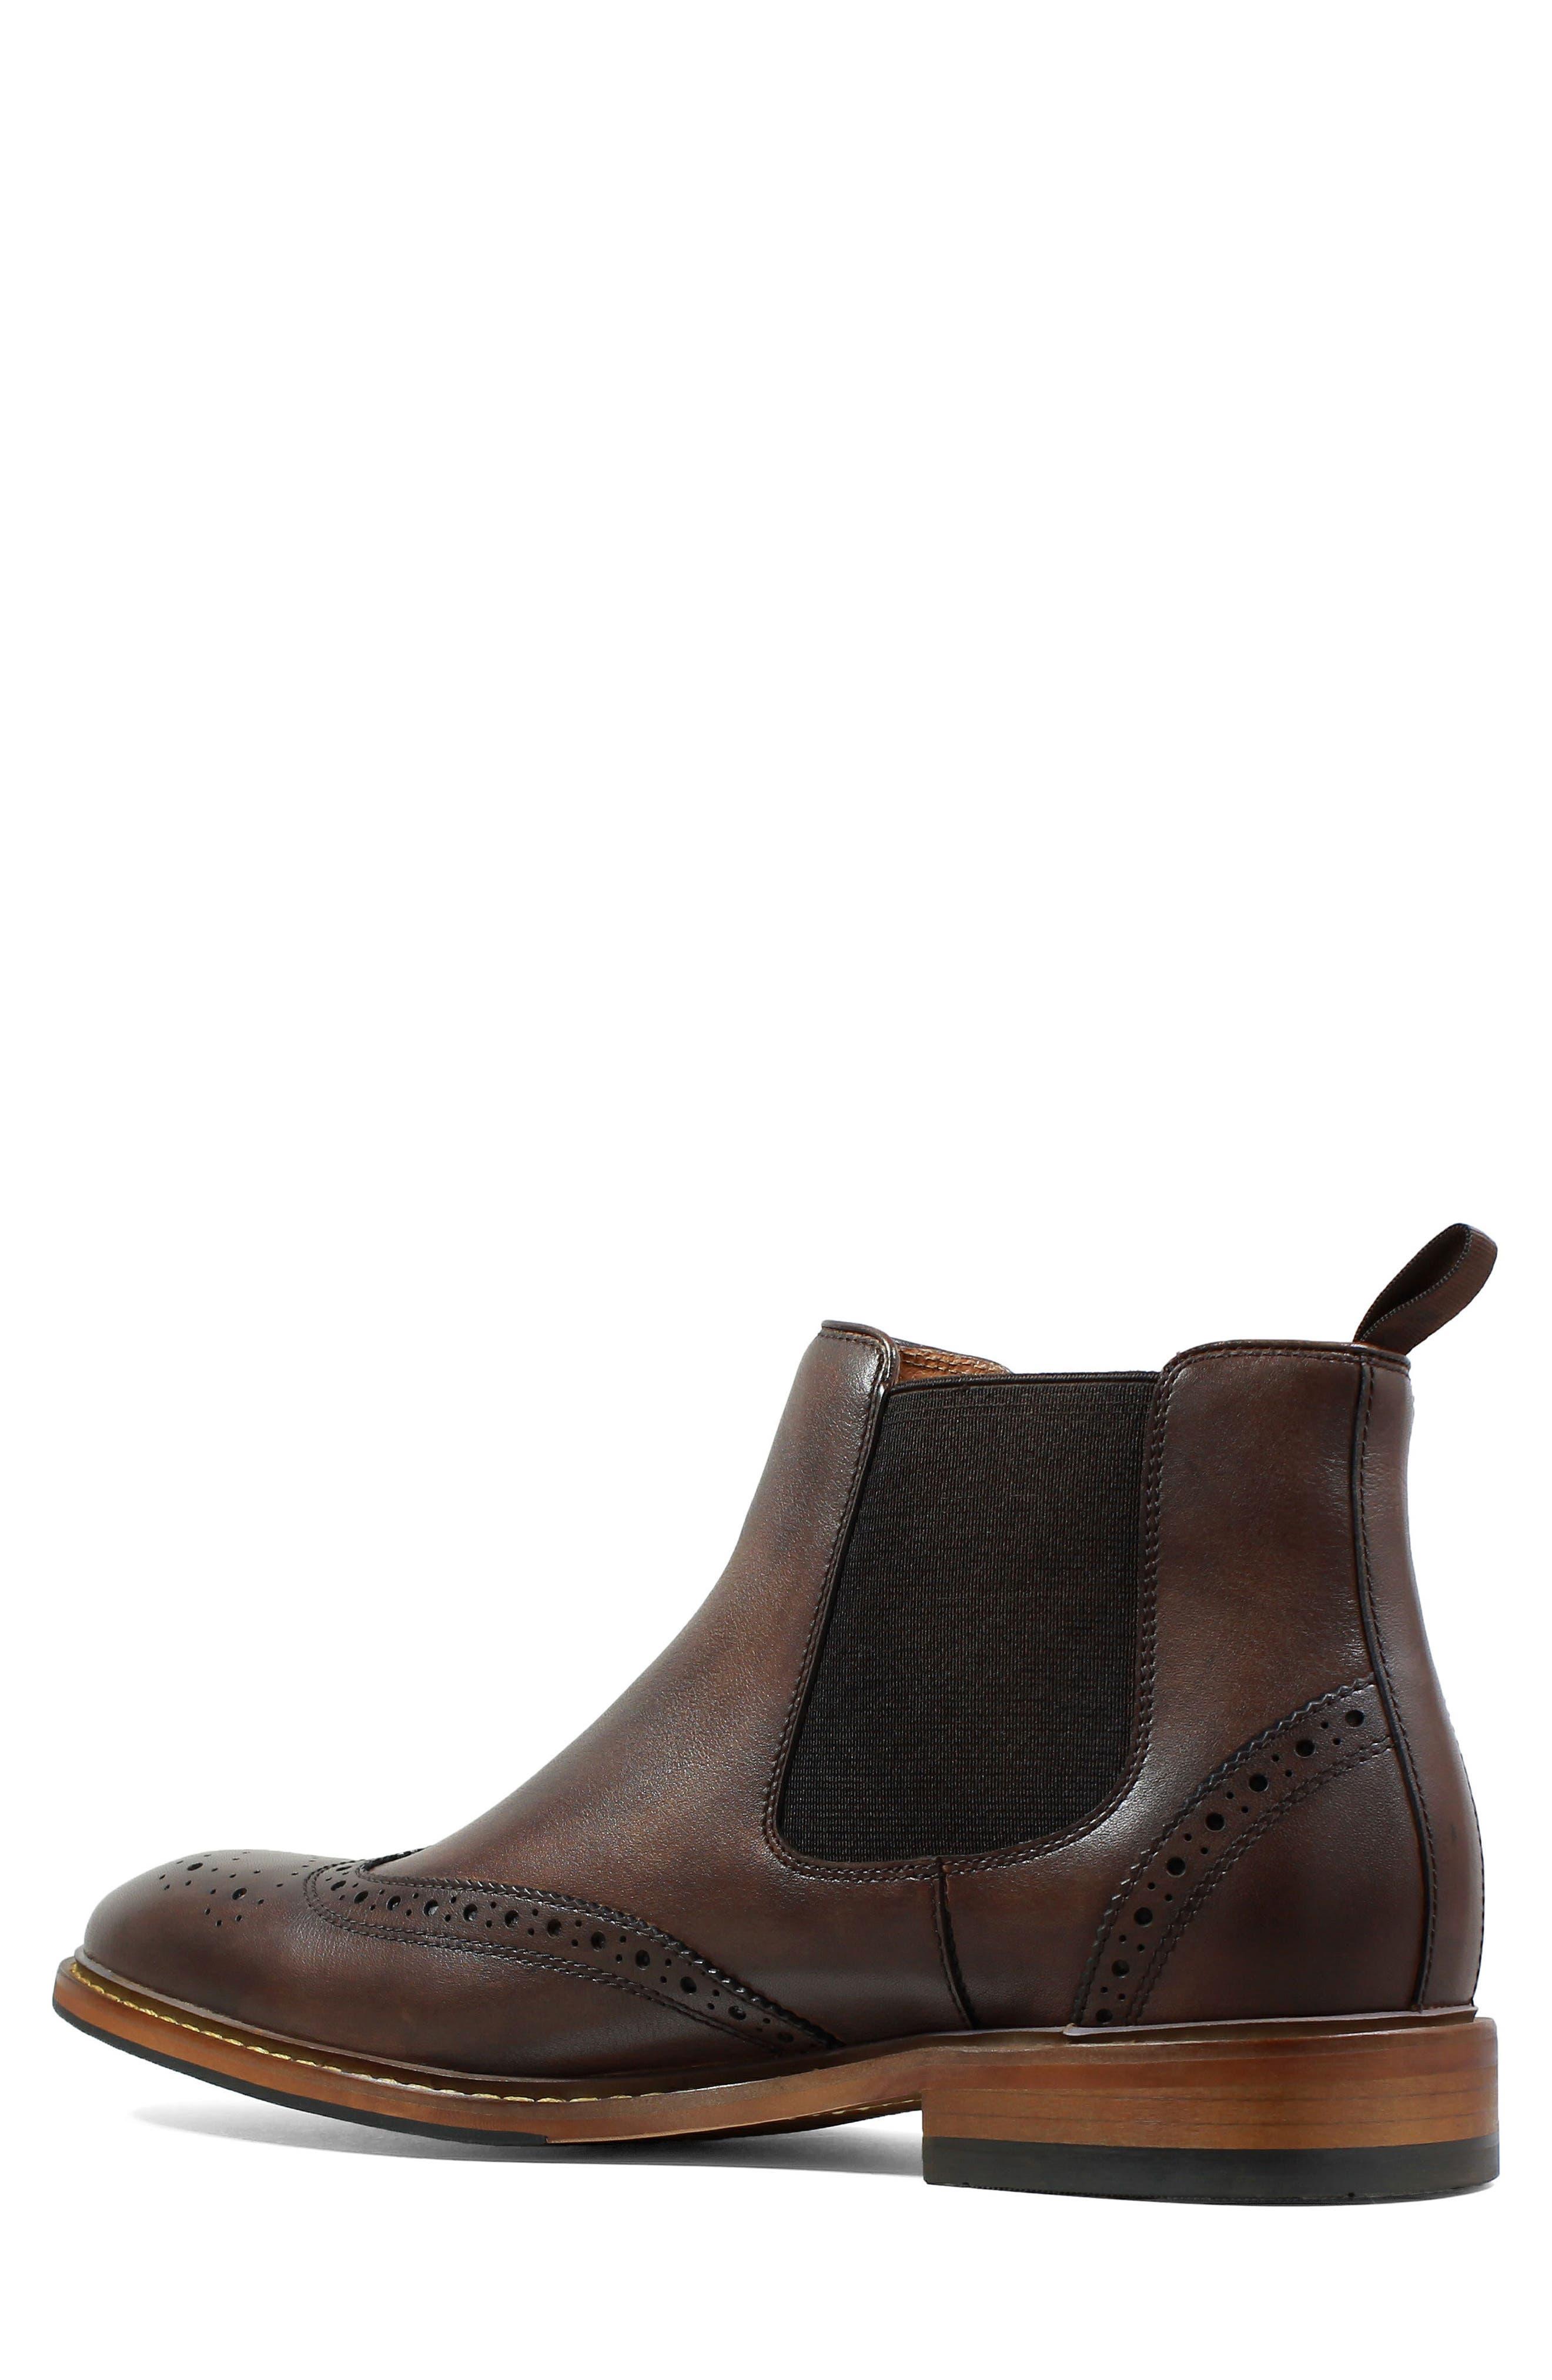 Alternate Image 2  - Florsheim Belfast Chelsea Boot (Men)